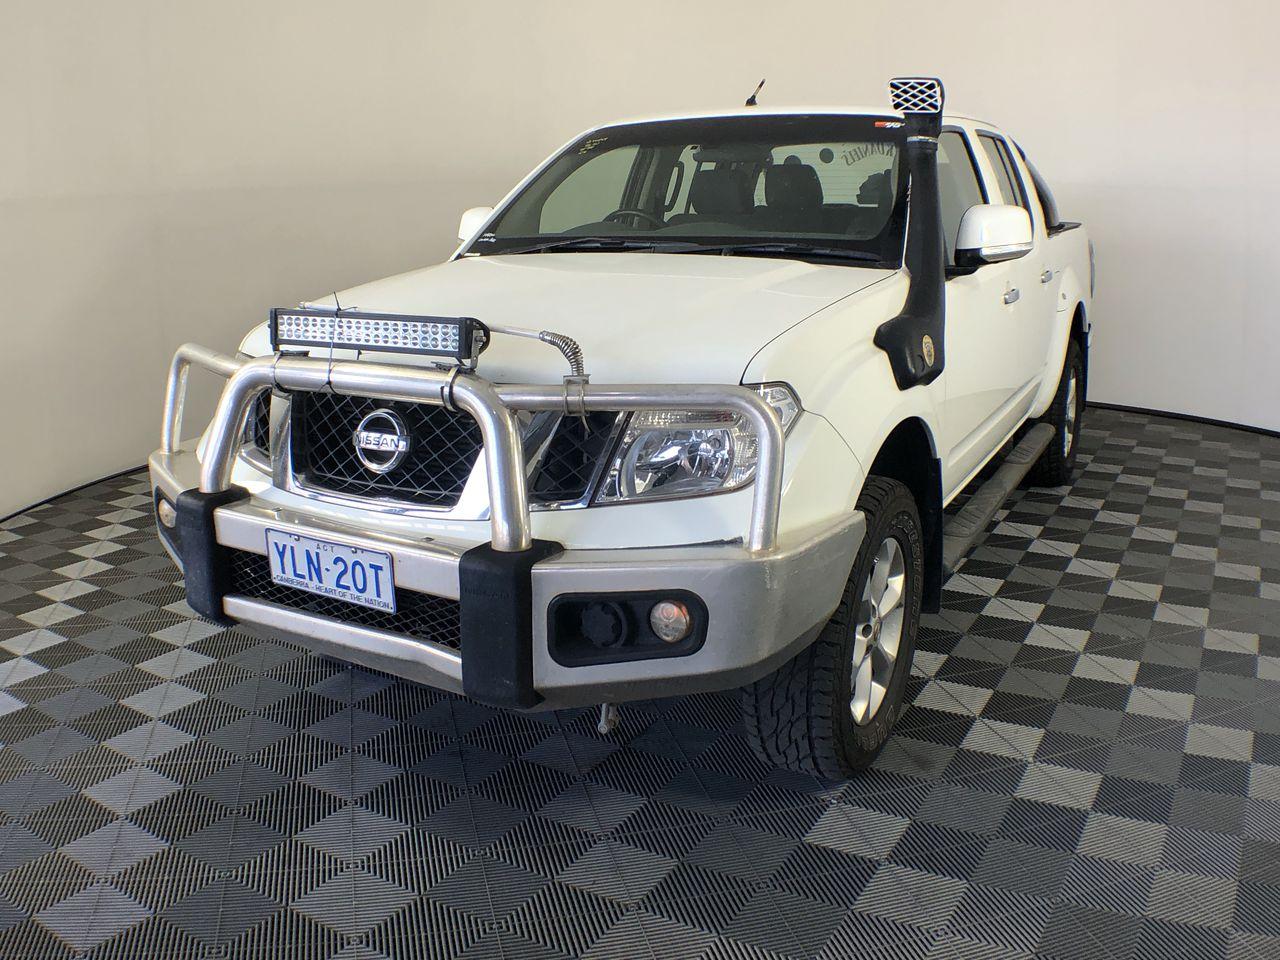 2012 Nissan Navara ST 4x4 T/Diesel Dual Cab Ute 146,329kms